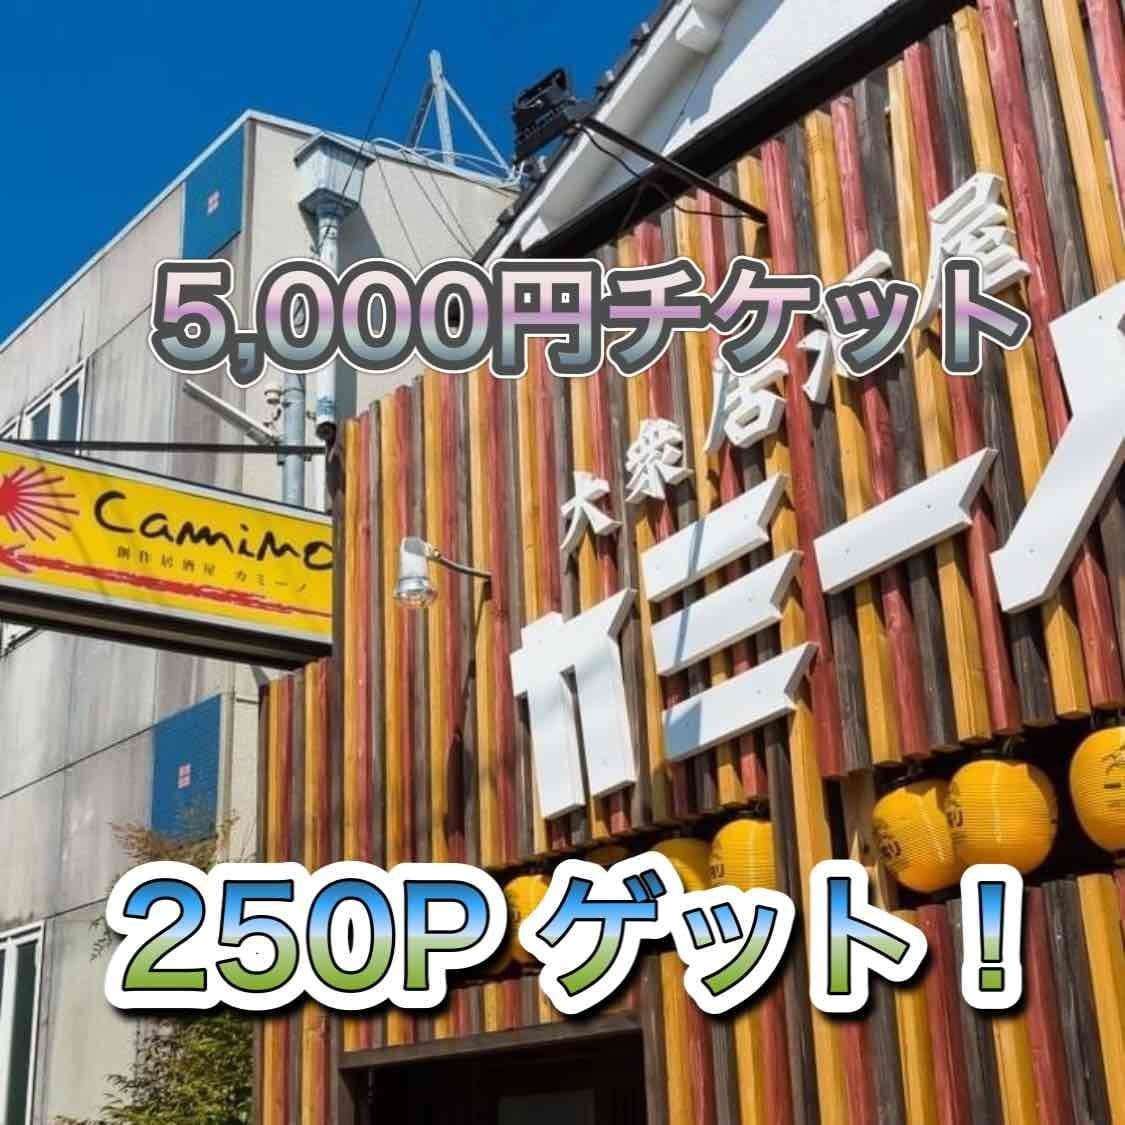 5000円チケット!のイメージその1